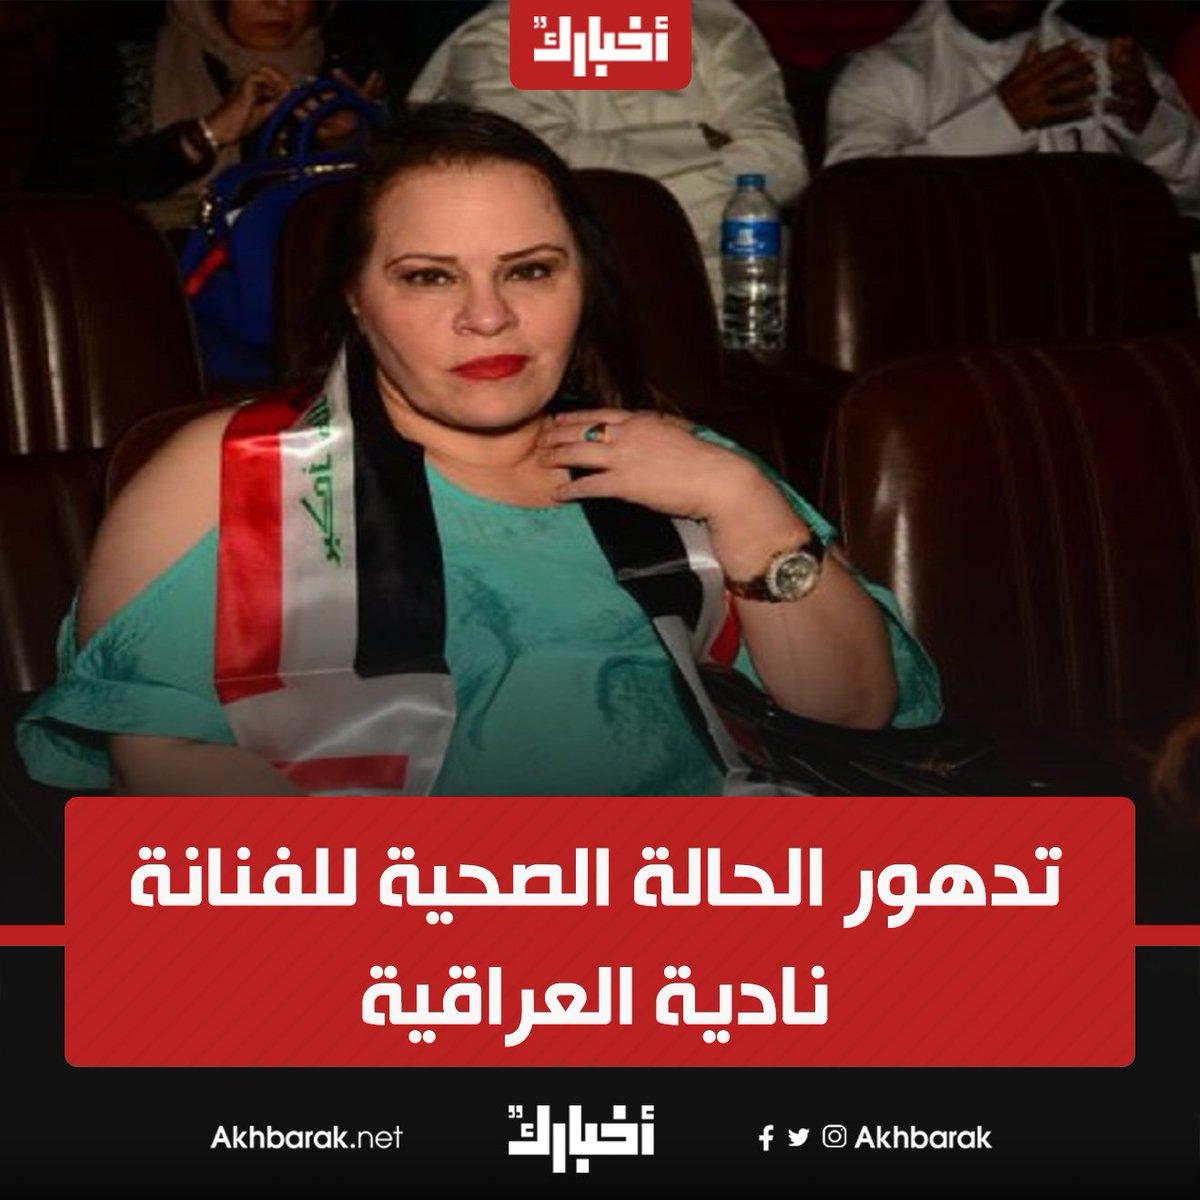 أسرة نادية العراقية تكشف تطورات الحالة الصحية لها.. يارب ردها سالمة المصدر الوطن